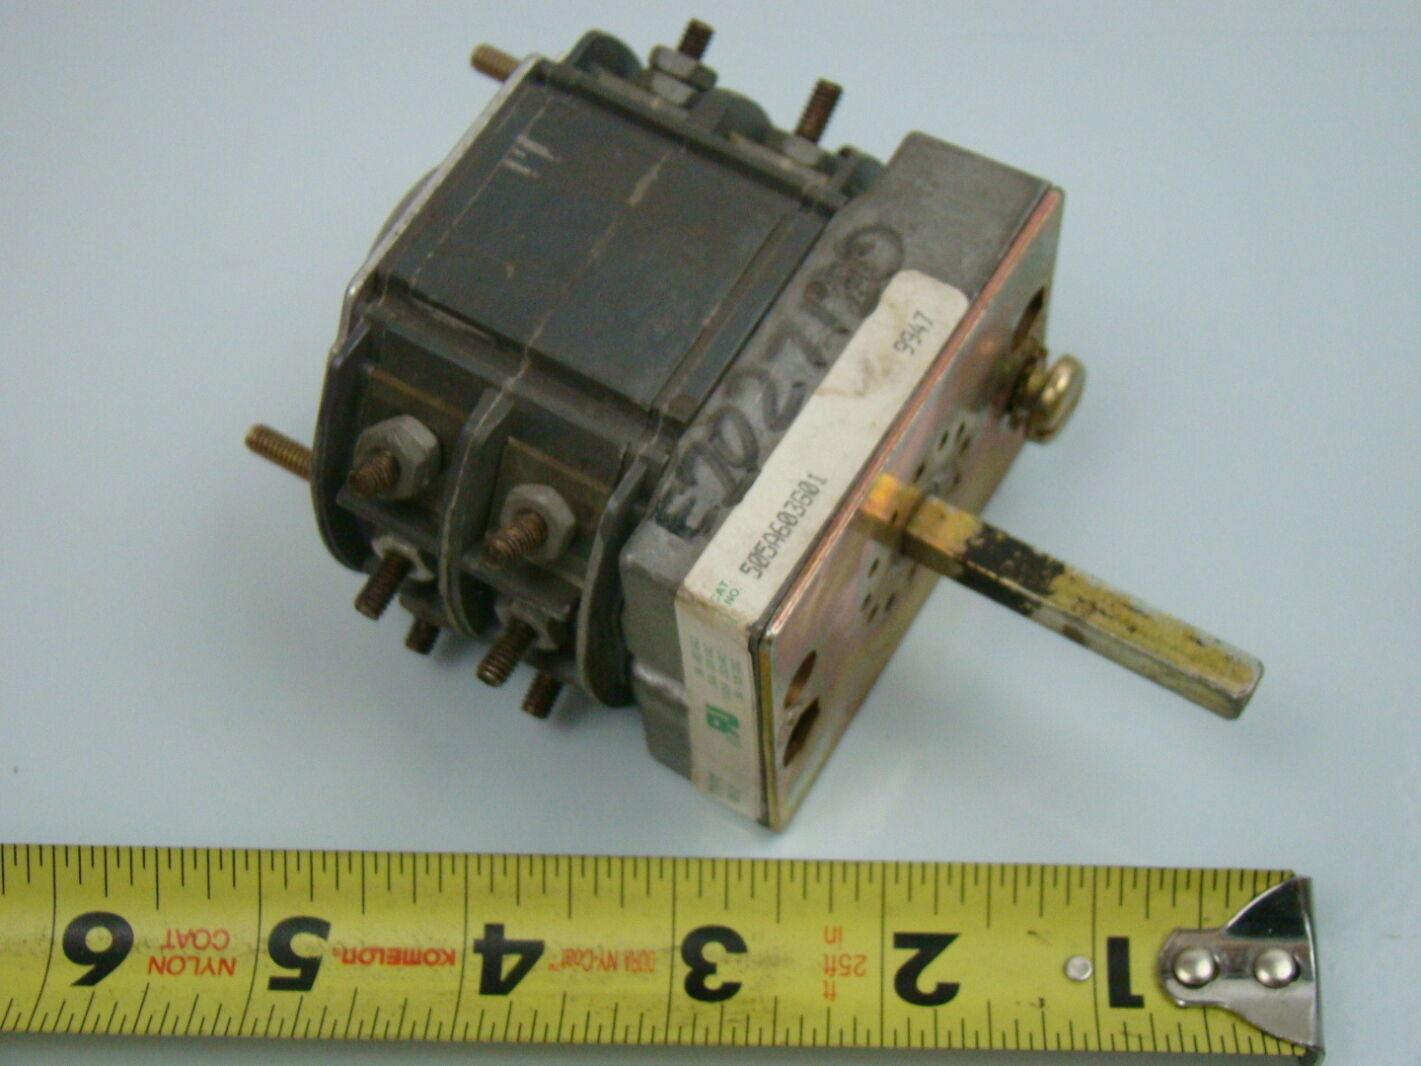 Electroswitch Type W 2 Rotary Switch 505a603601 Ebay